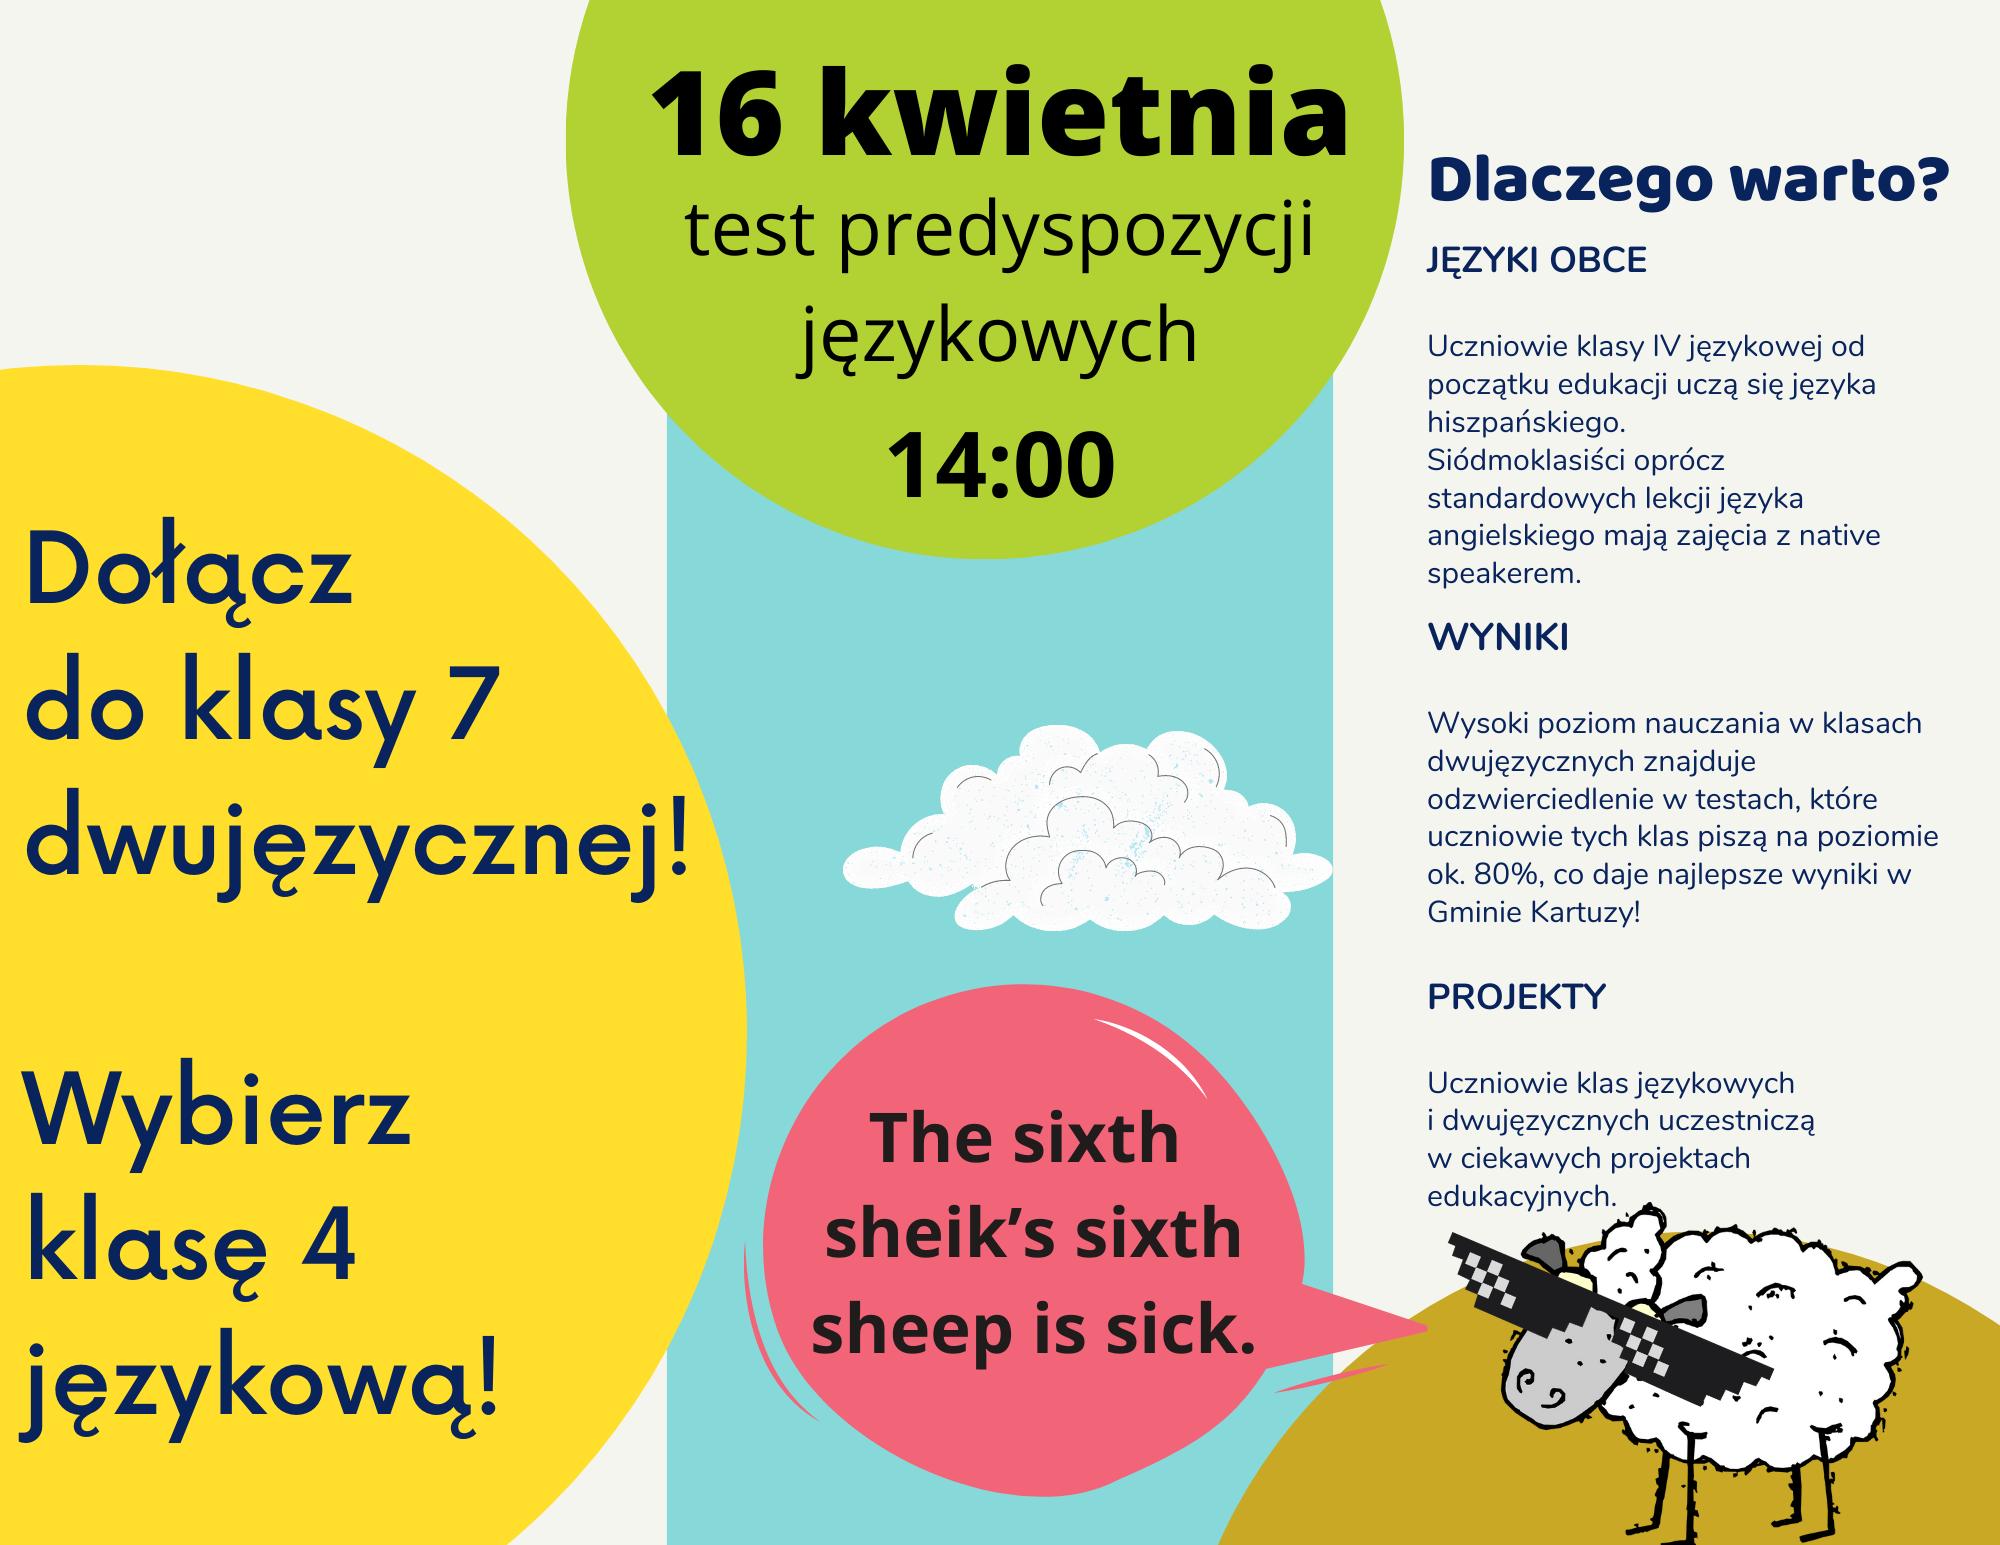 Rozpocznij naukę w klasie językowej! Dołącz do klasy dwujęzycznej!